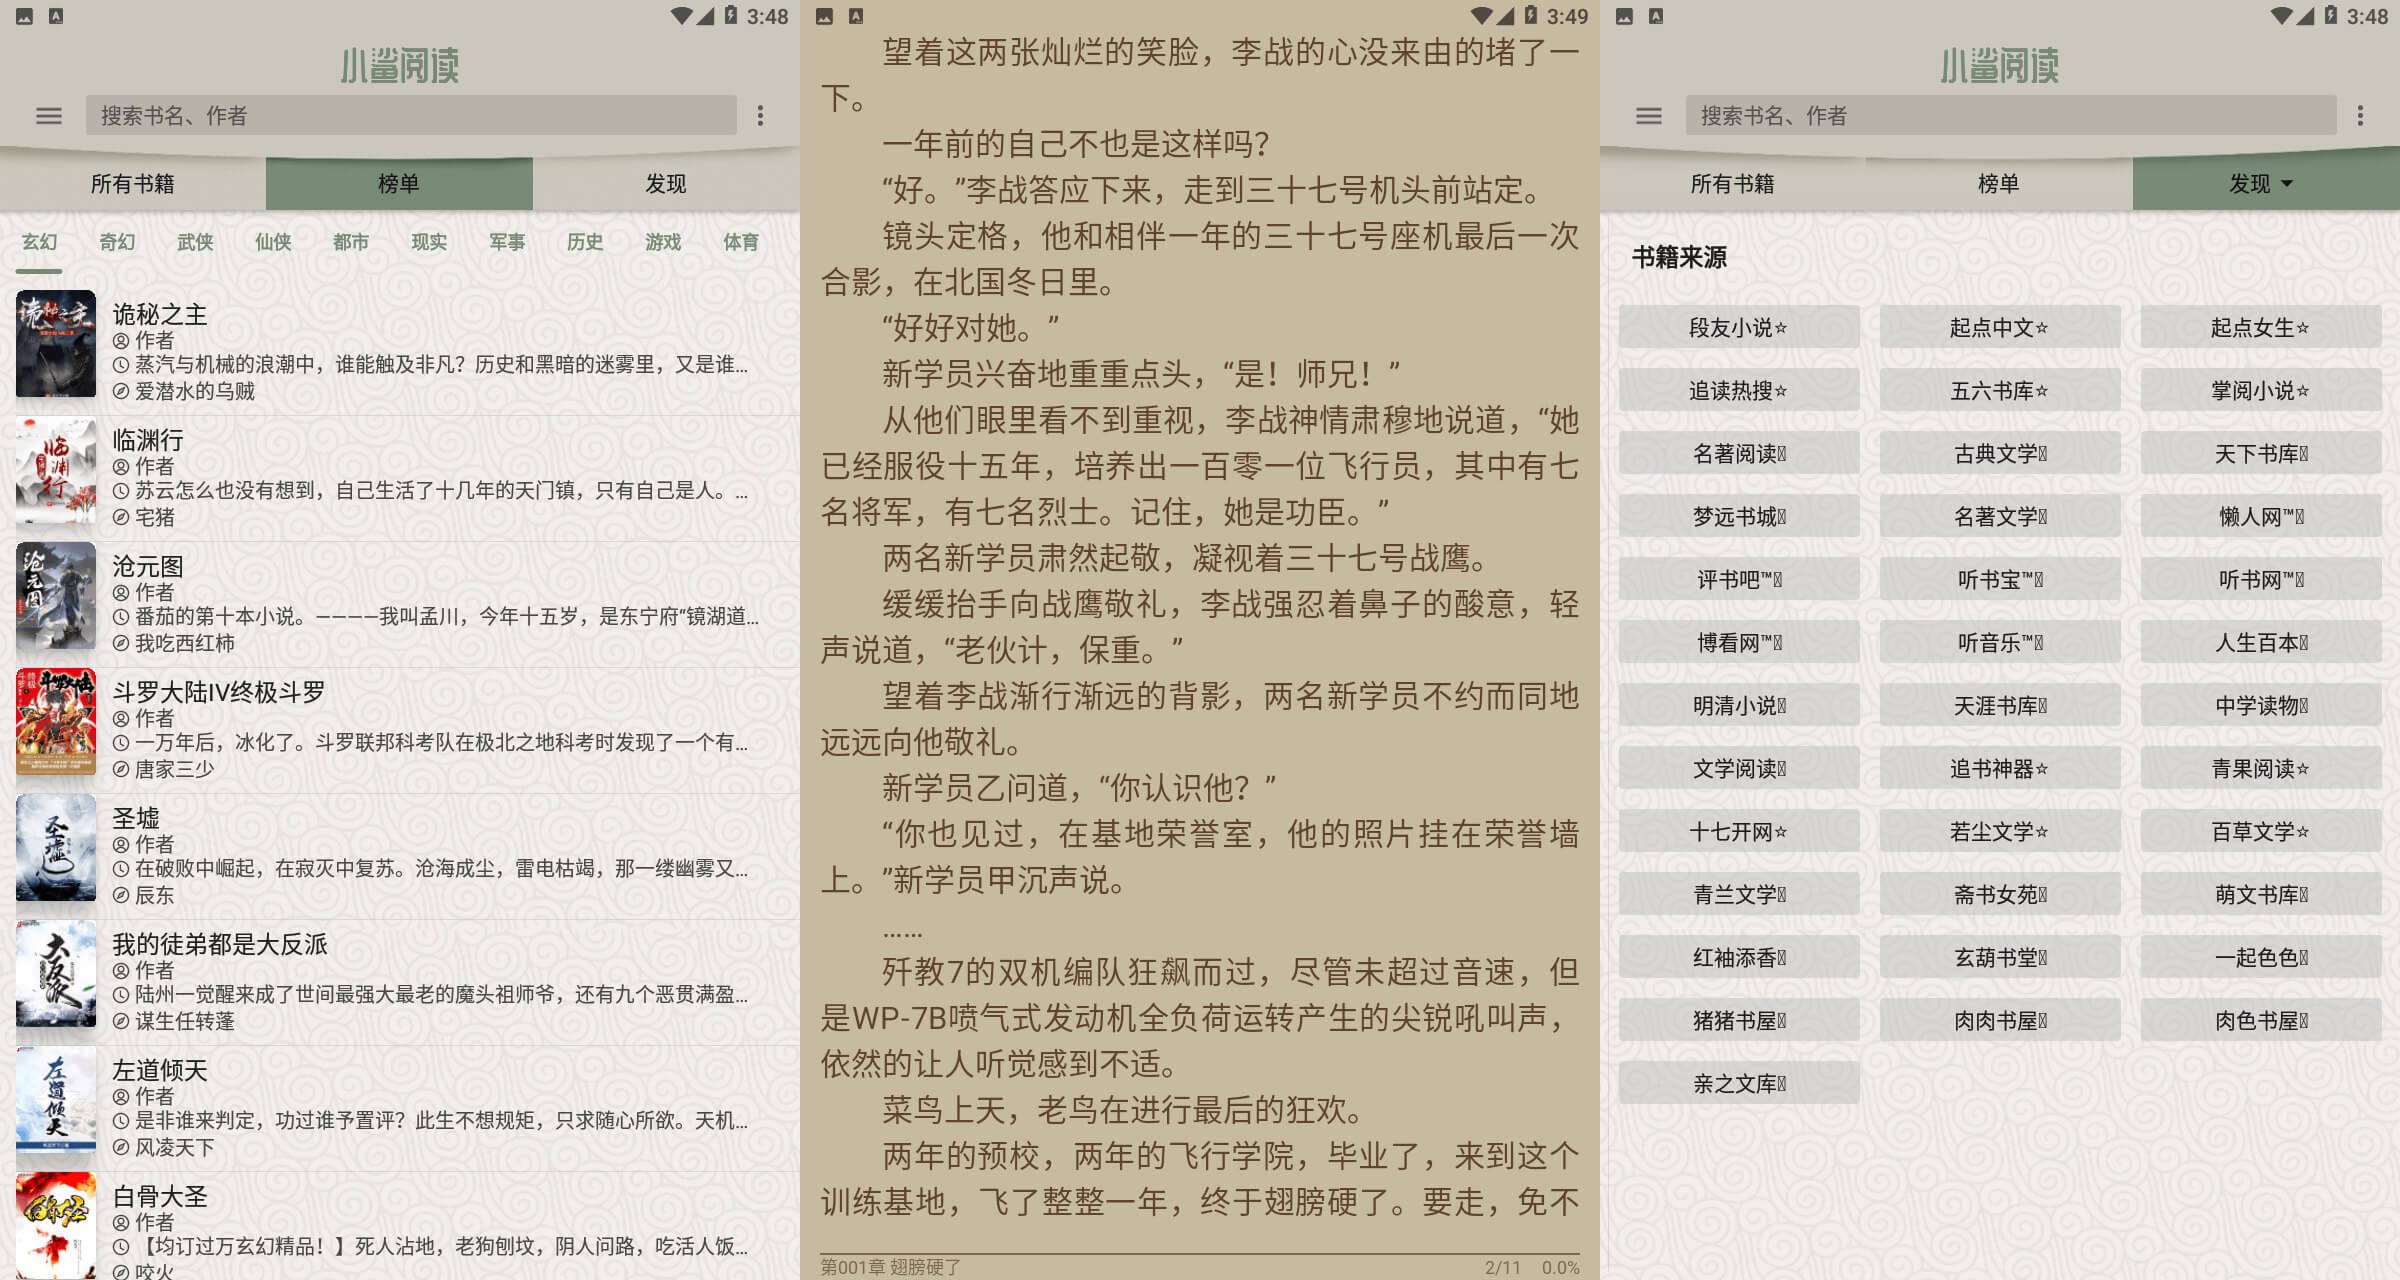 小鲨阅读全网小说搜索神器安卓版